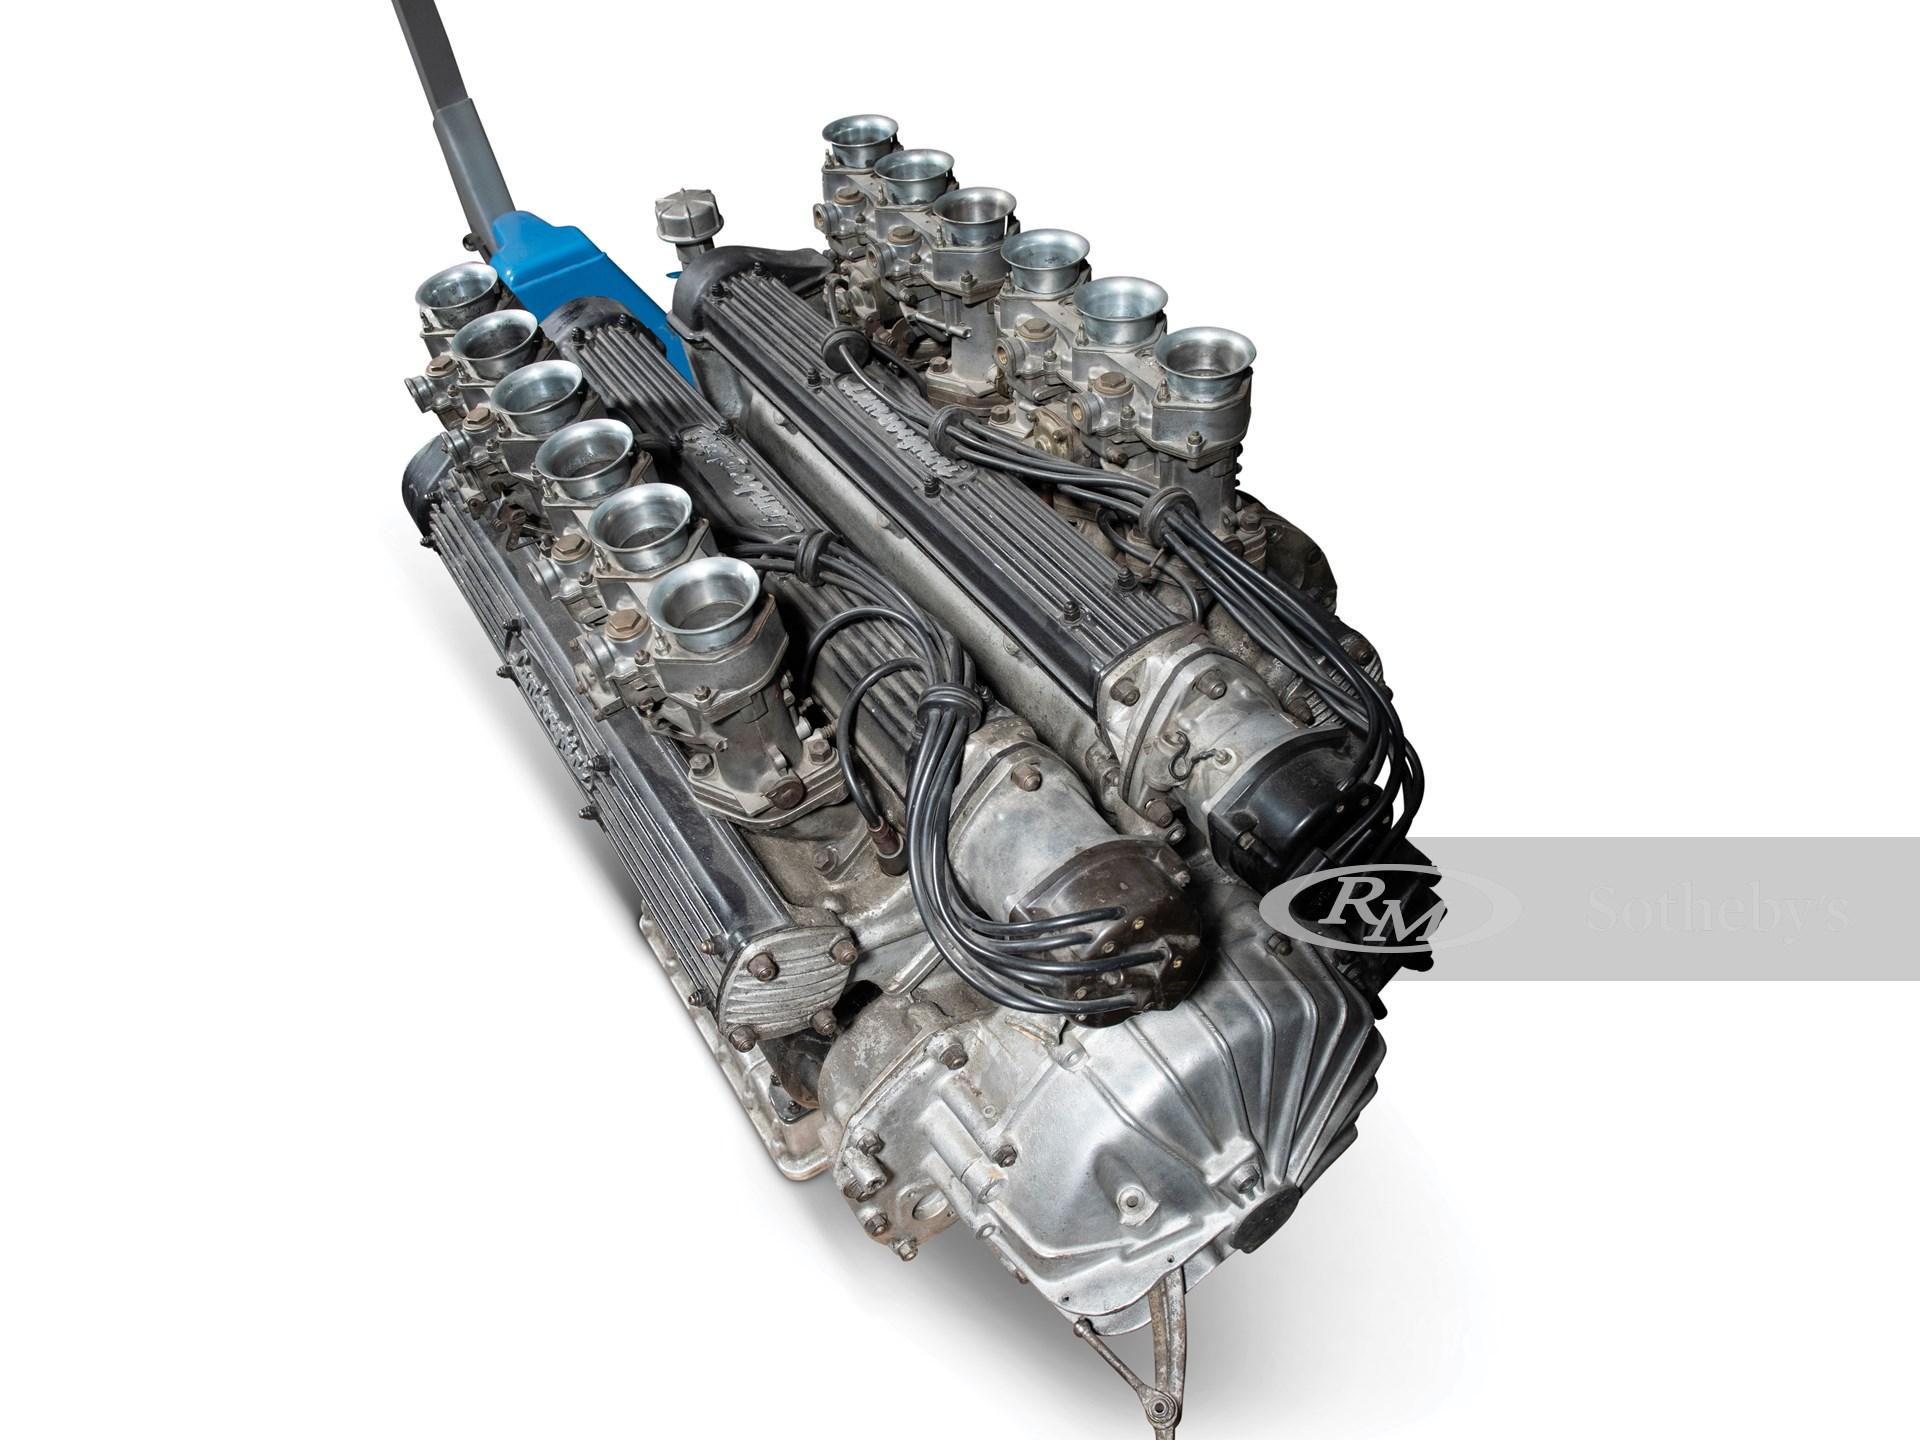 Lamborghini Miura P400 Engine, 1967 -